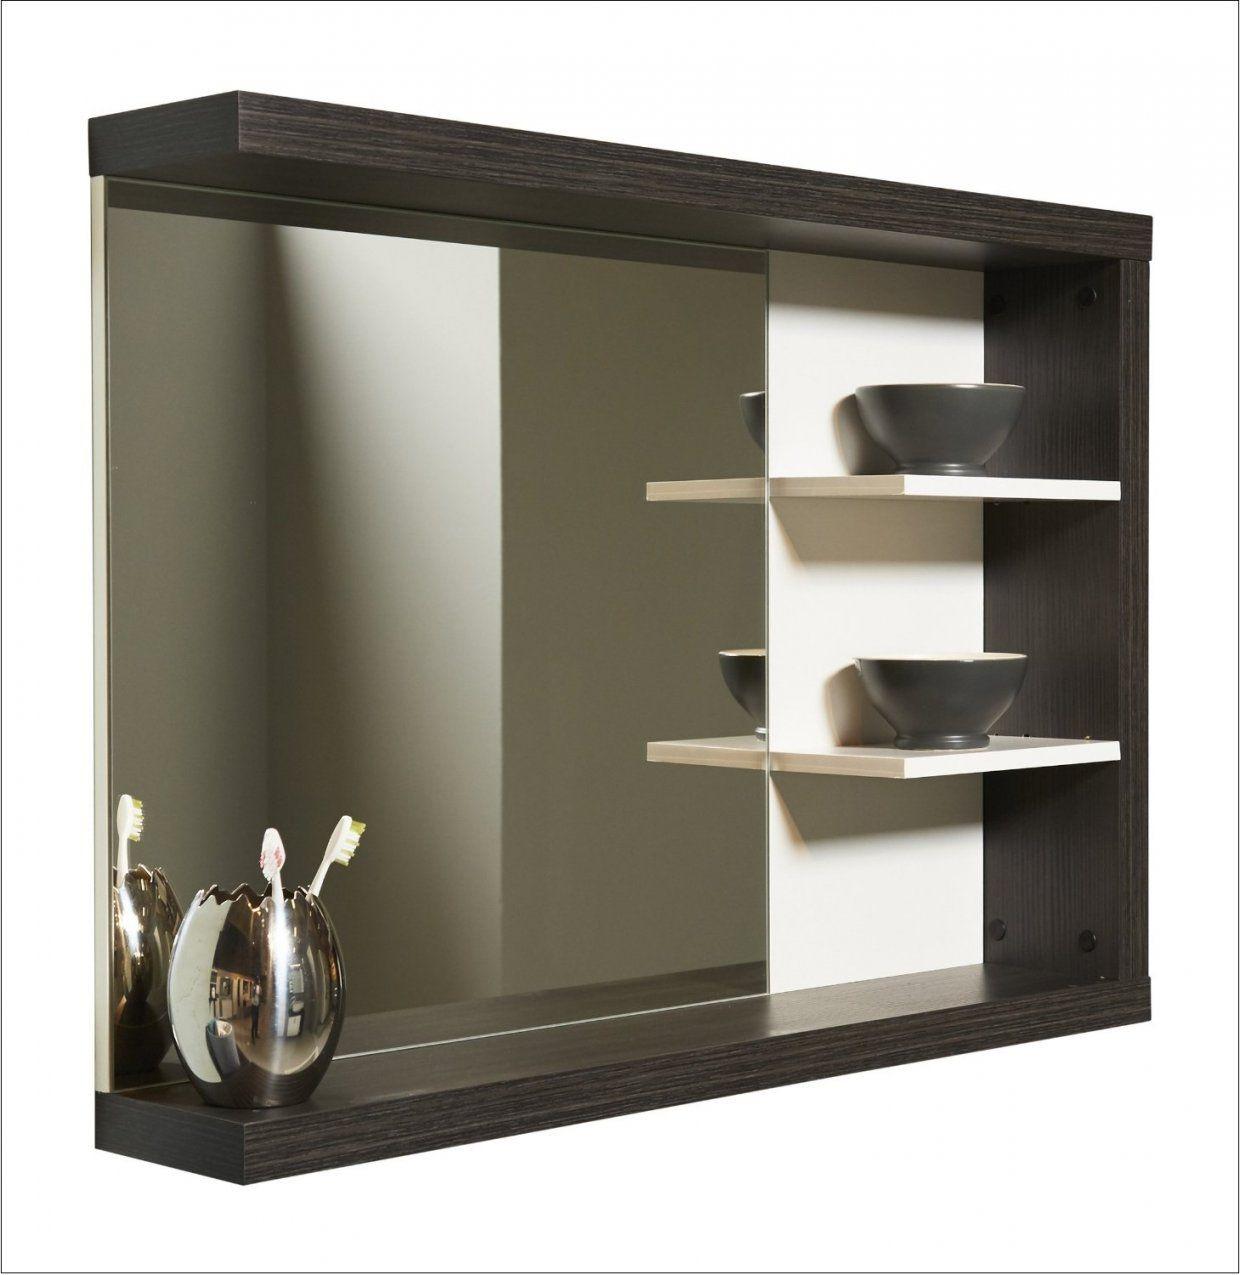 Bad Spiegelschrank Mit Licht Ge81 – Hitoiro von Bad Spiegelschrank Mit Beleuchtung Günstig Bild